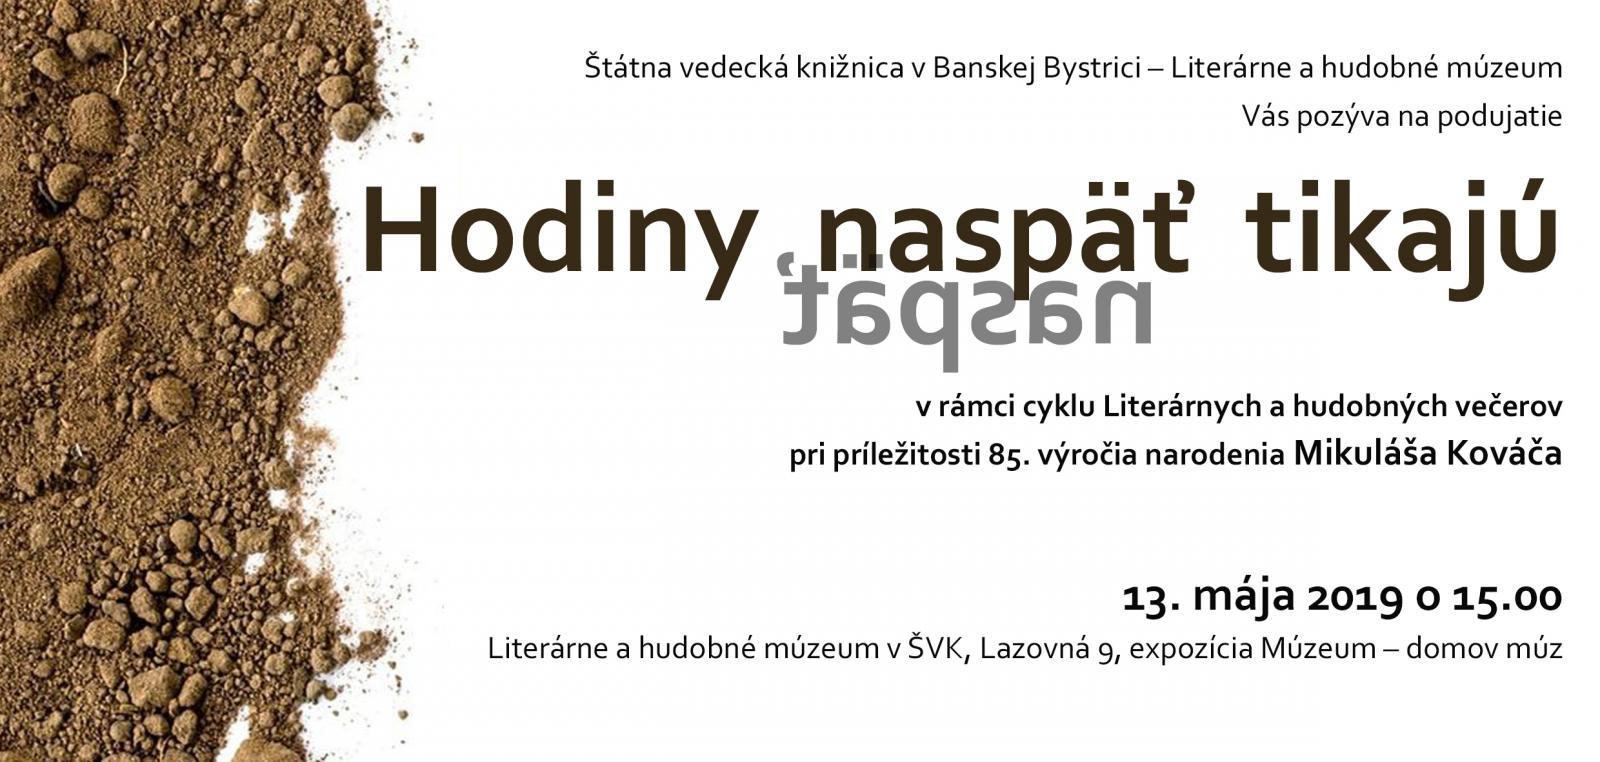 a8026f00b Literárne a hudobné múzeum ŠVK, Banská Bystrica